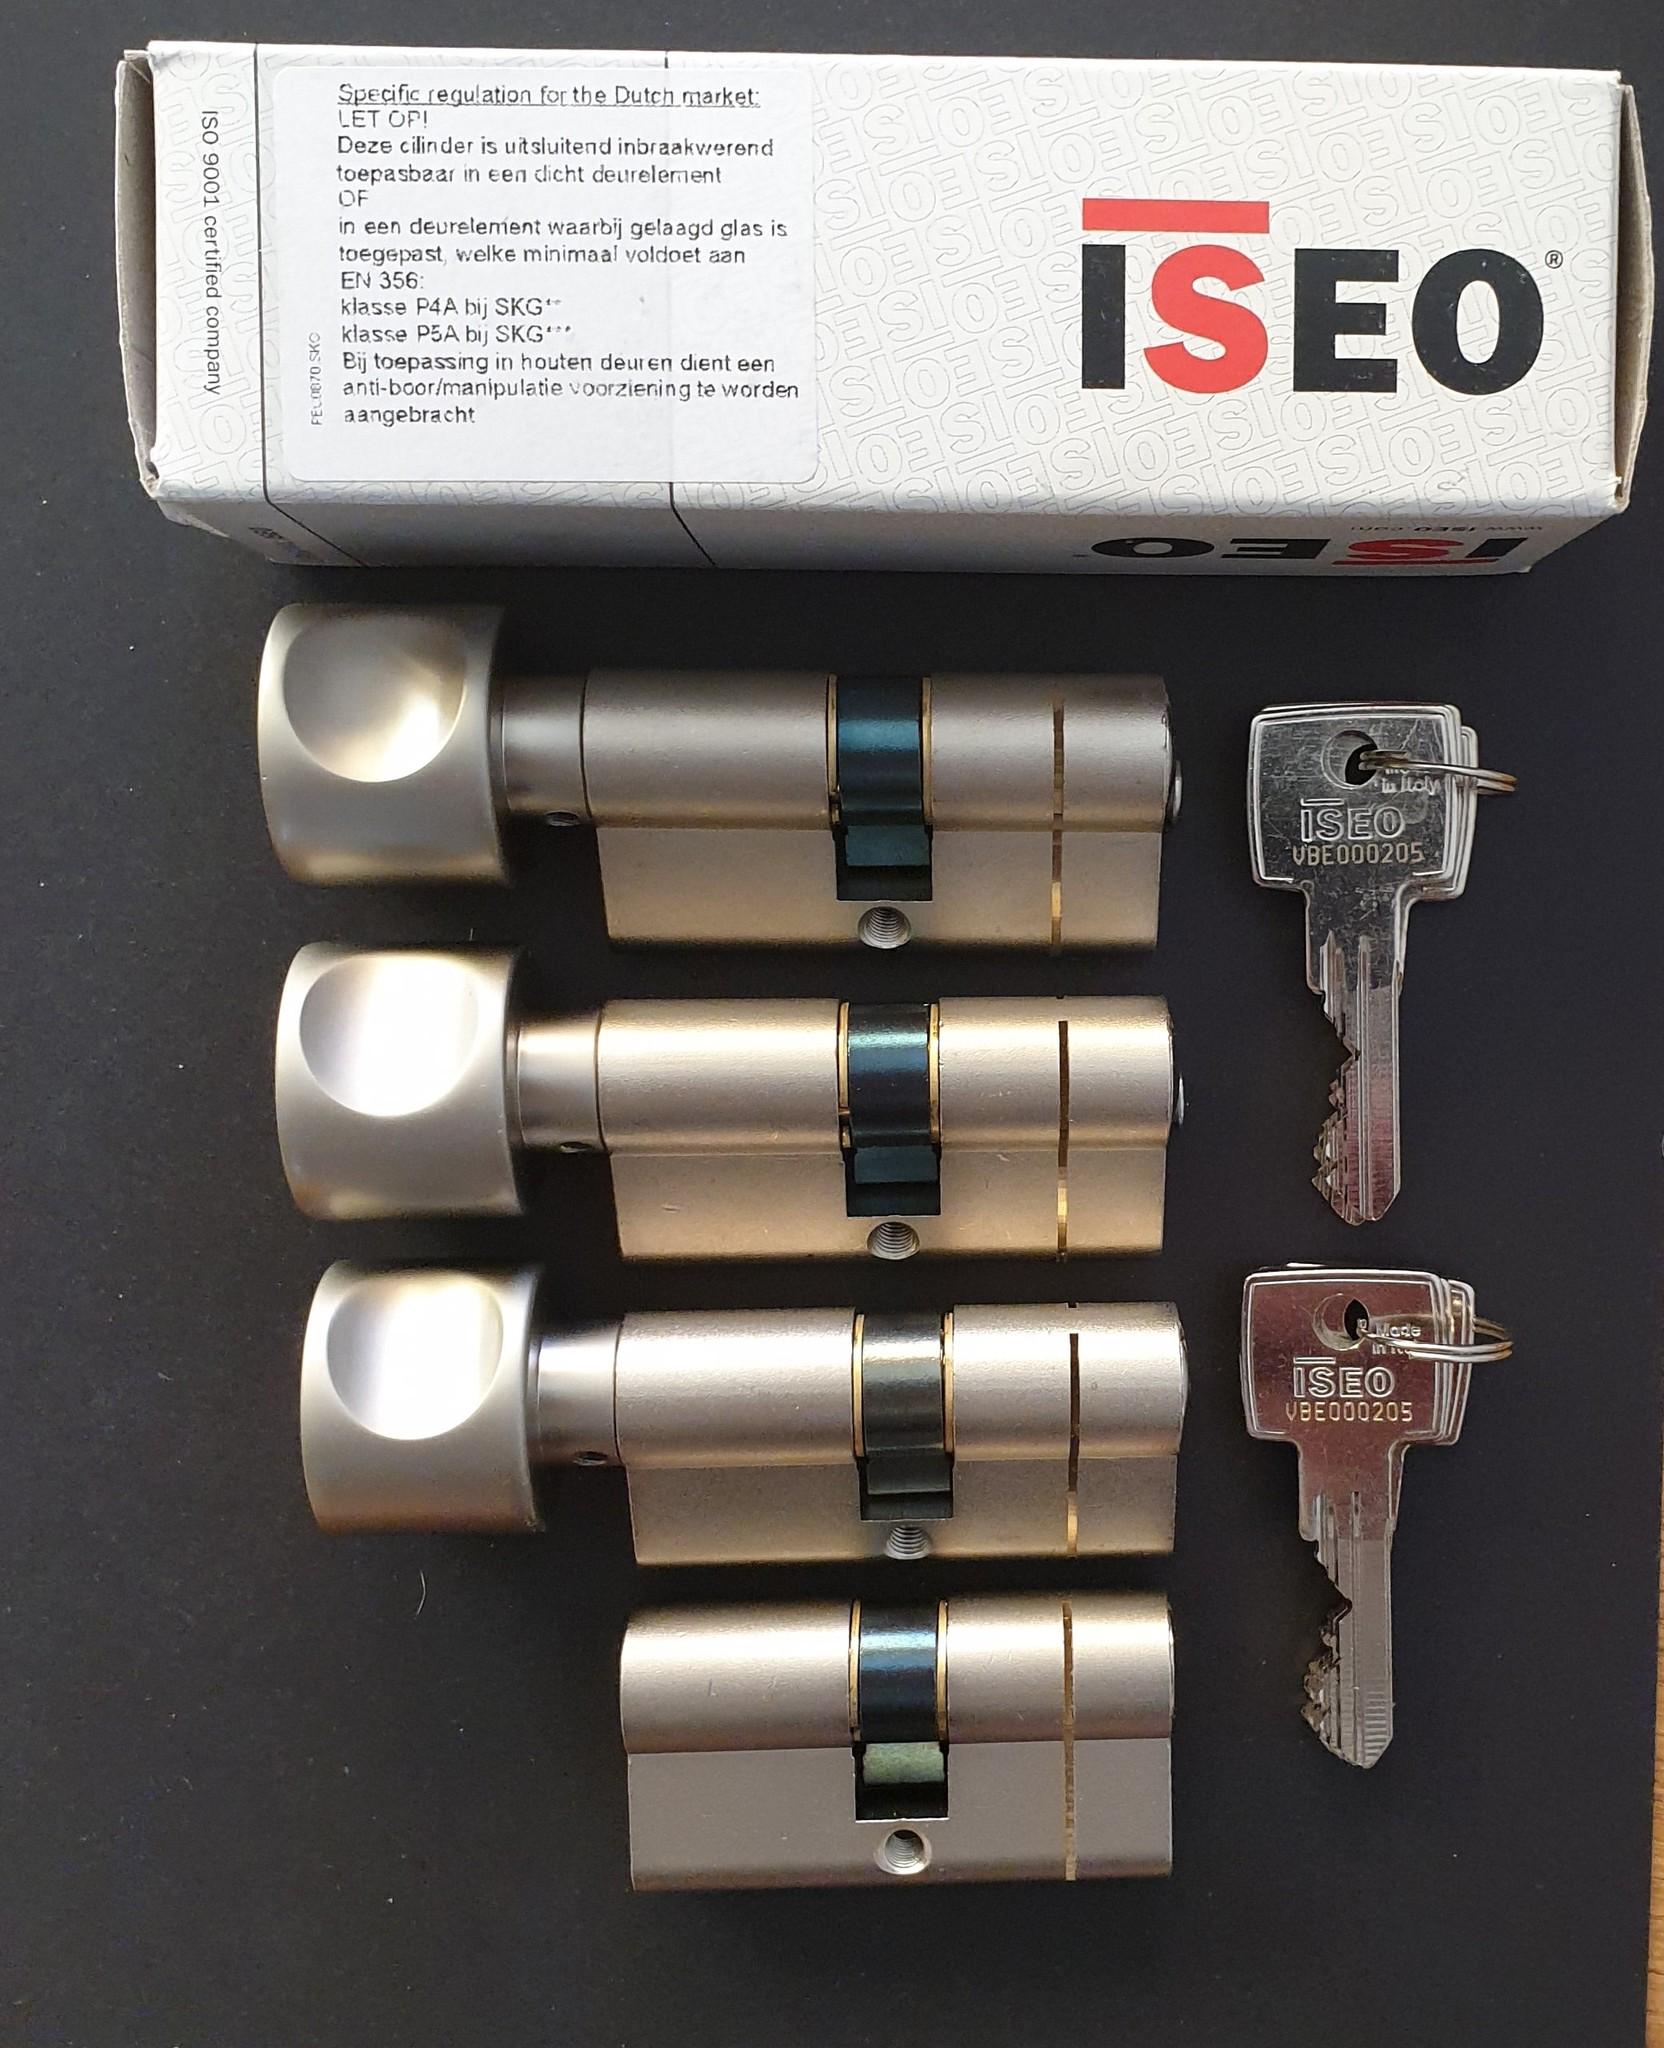 ISEO F6 Extra S SKG*** Cilinder 100 mm 40-60 wil u de cilinder gelijk sluitend hebben of voorzien van knop ?